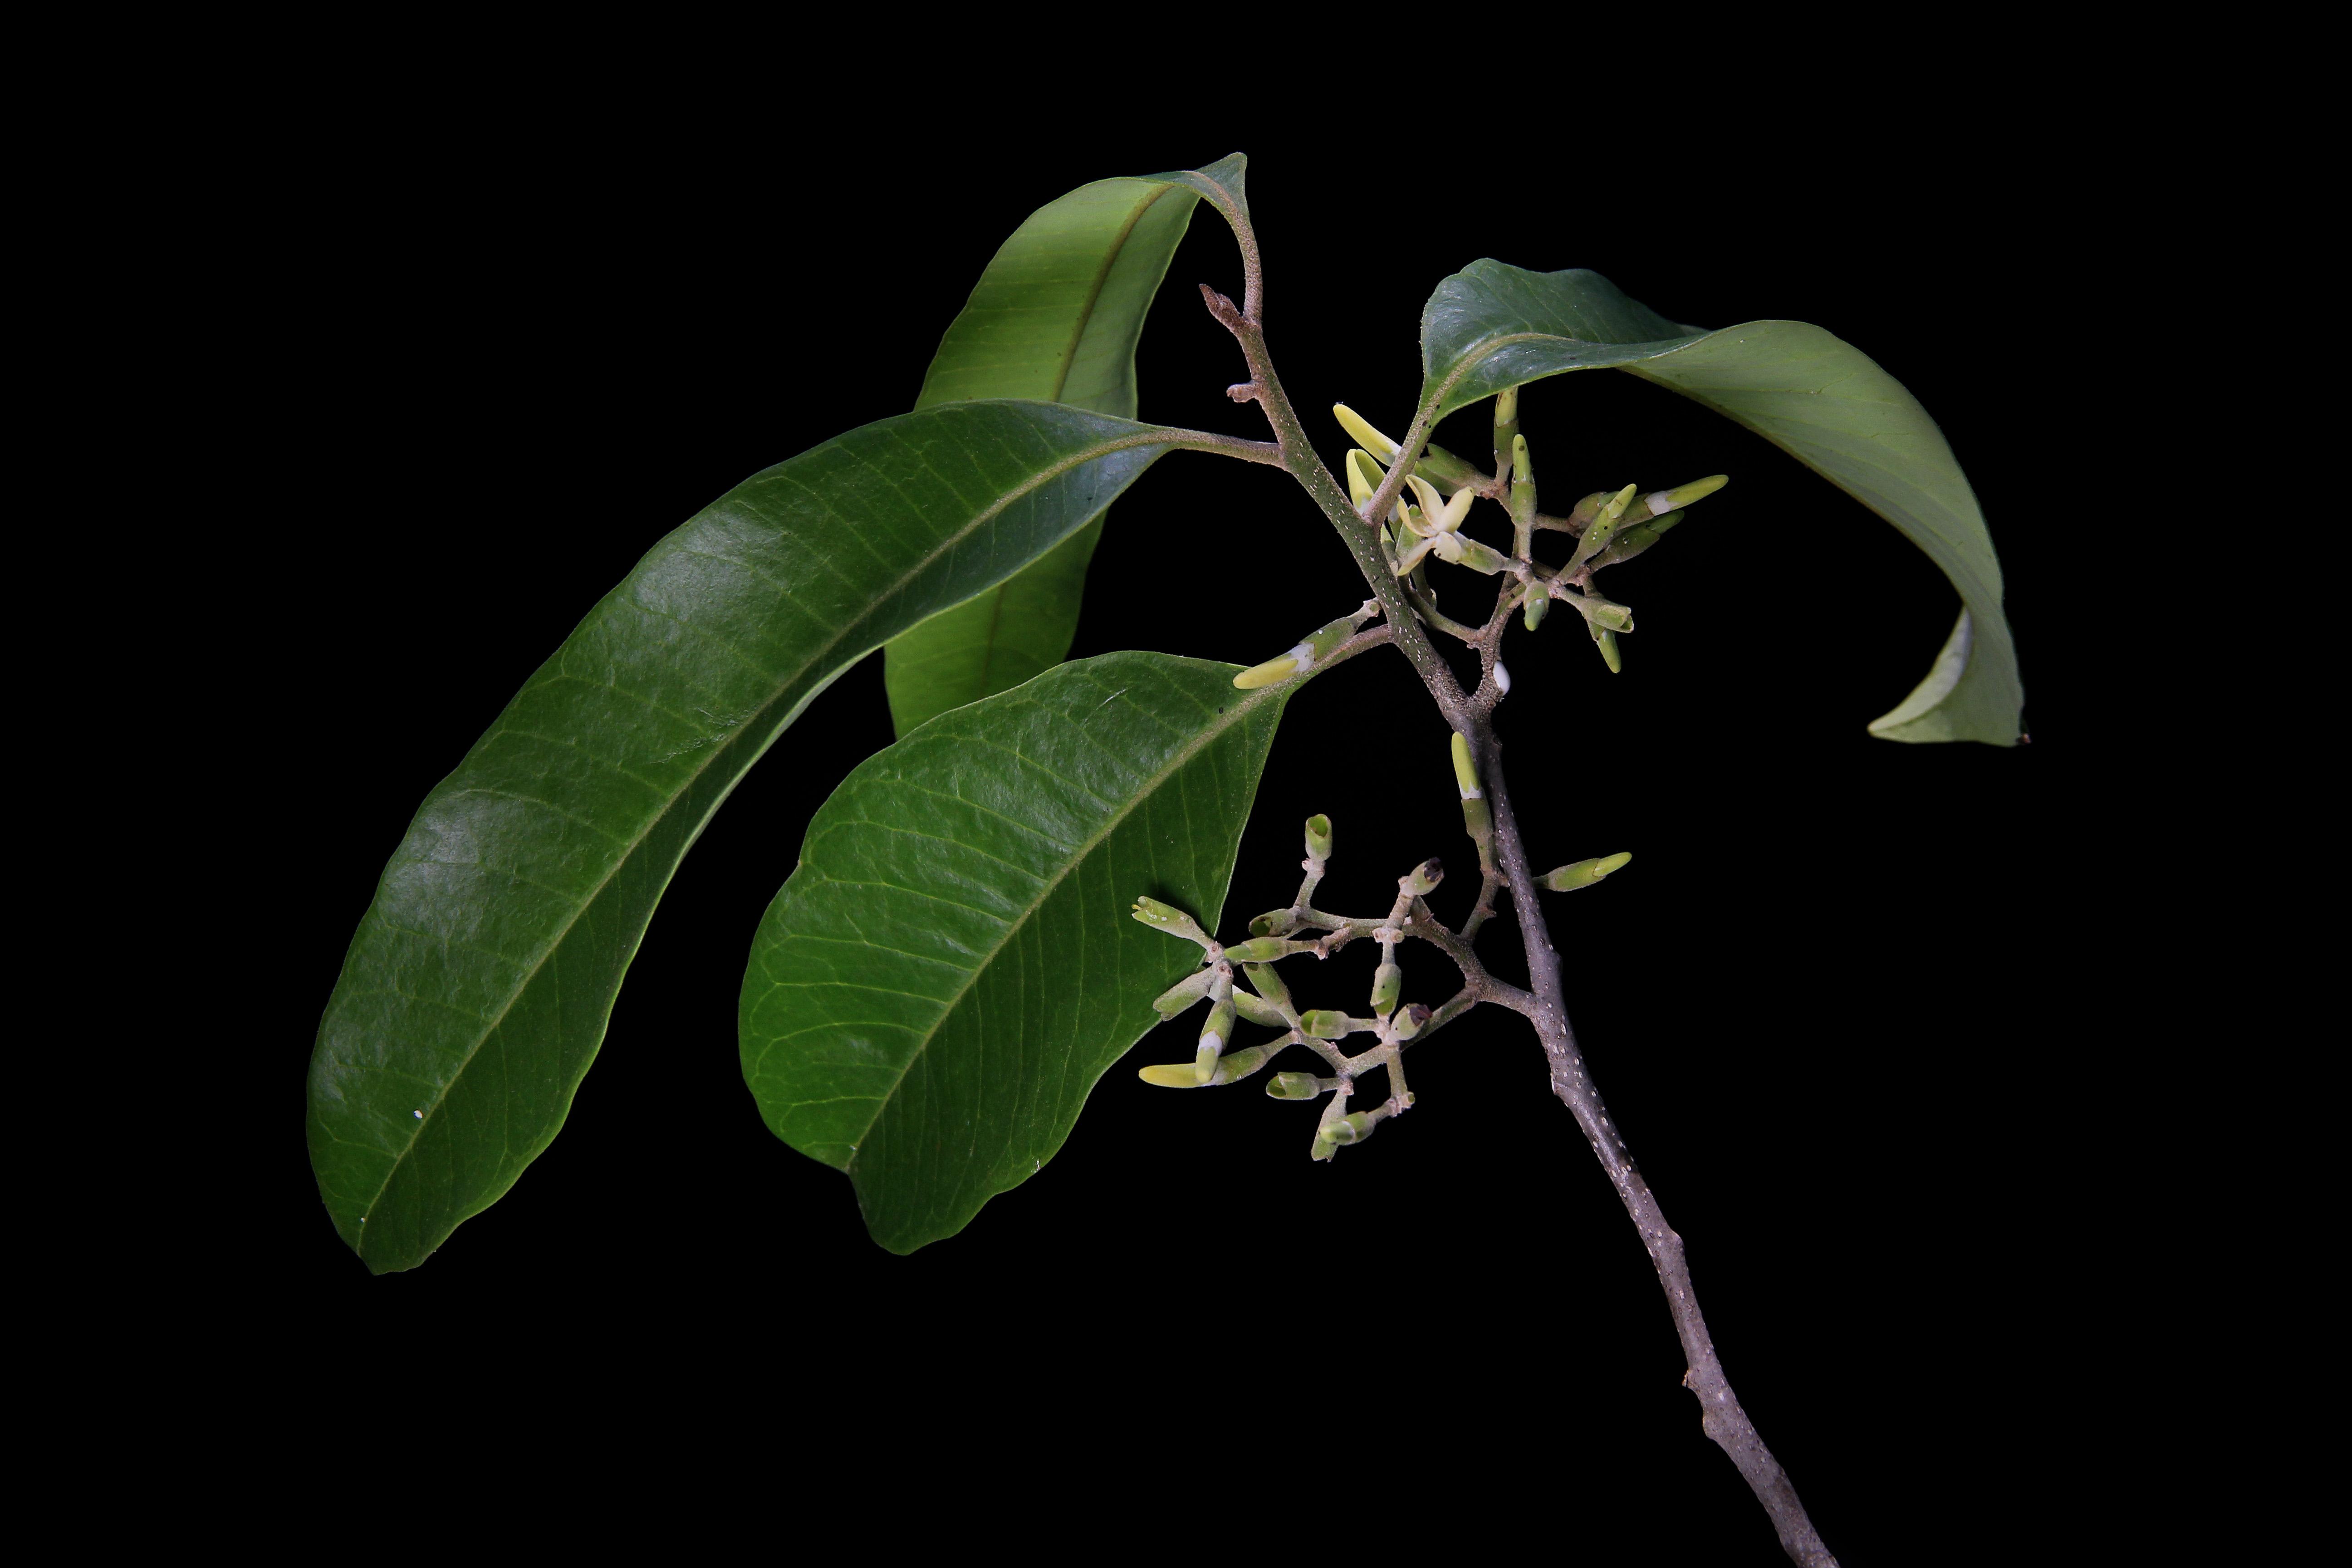 Aspidosperma megalocarpon image